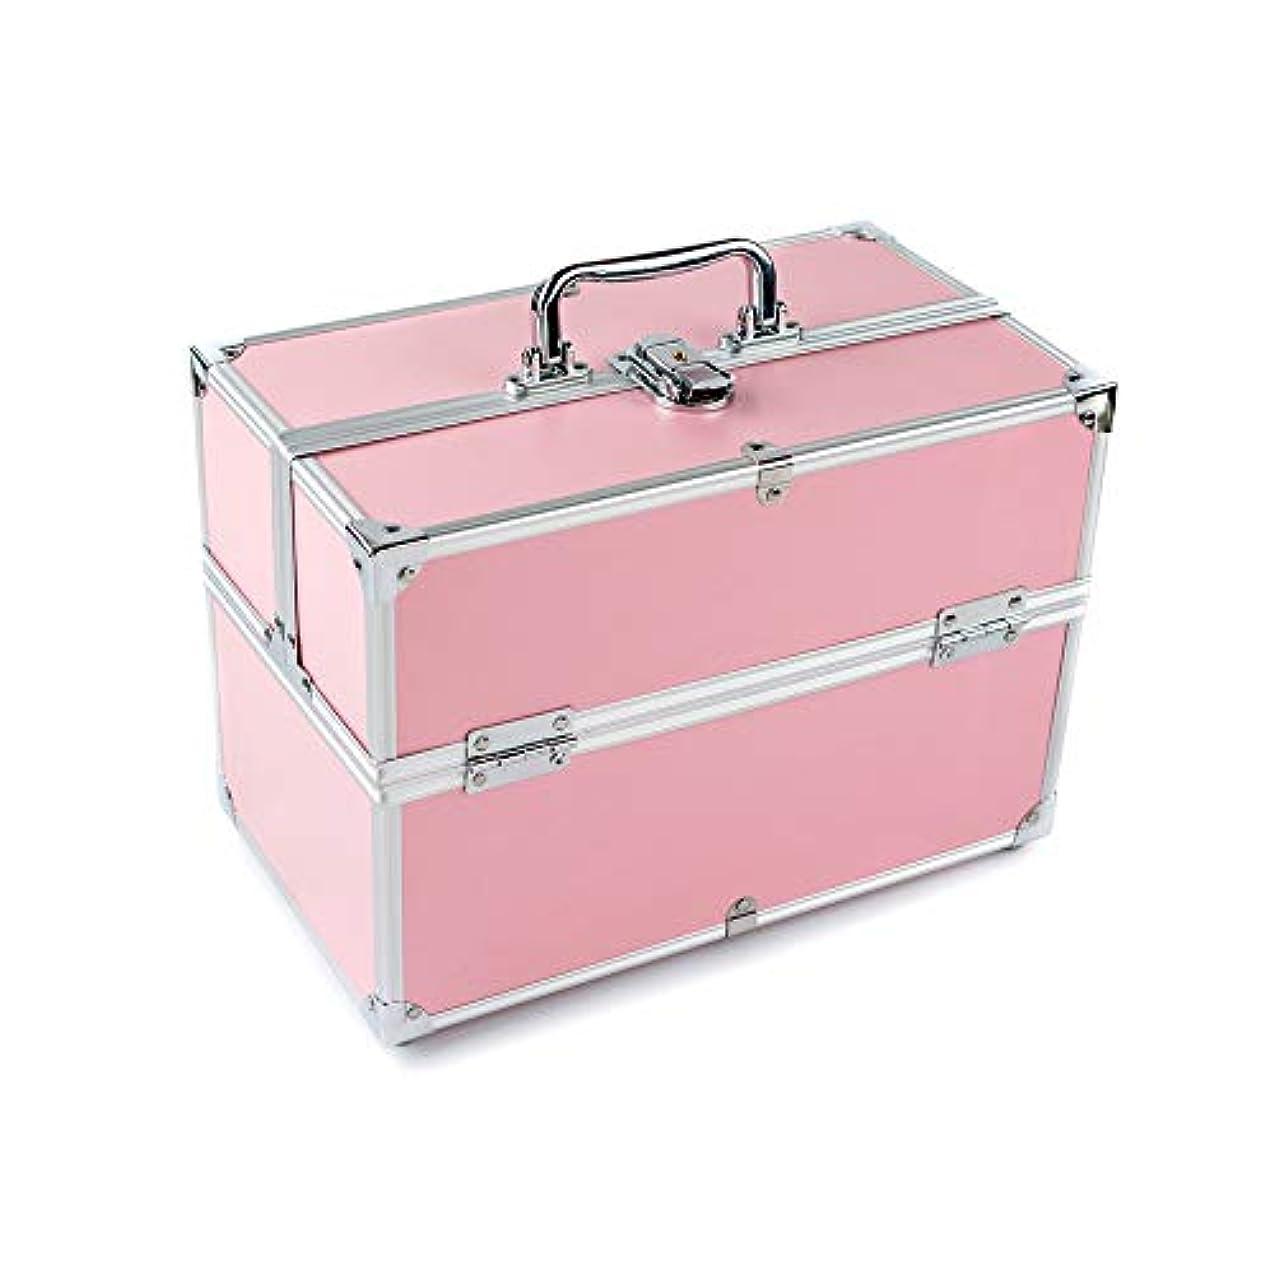 ブリッジ起点マザーランド化粧オーガナイザーバッグ 大容量ポータブル両面耐火ボード旅行の化粧品美容メイクアップ化粧ケースの折り畳みトレイ 化粧品ケース